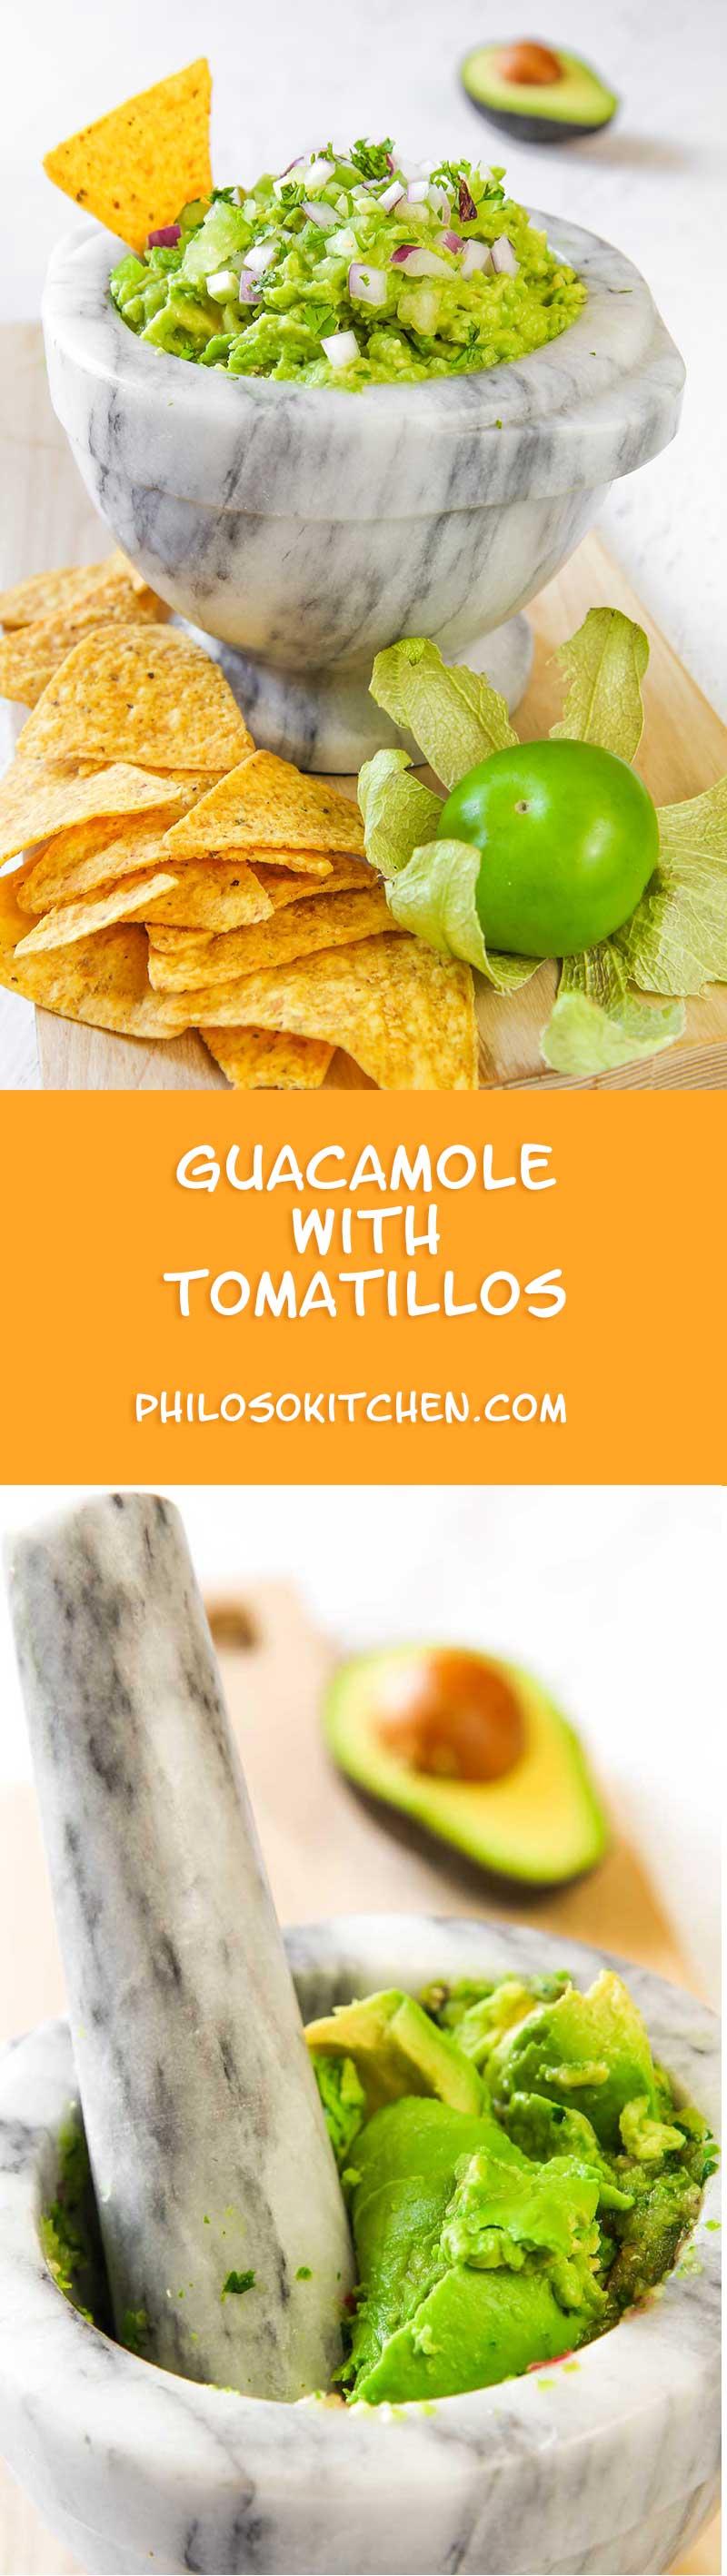 GUACAMOLE WITH TOLATILLO